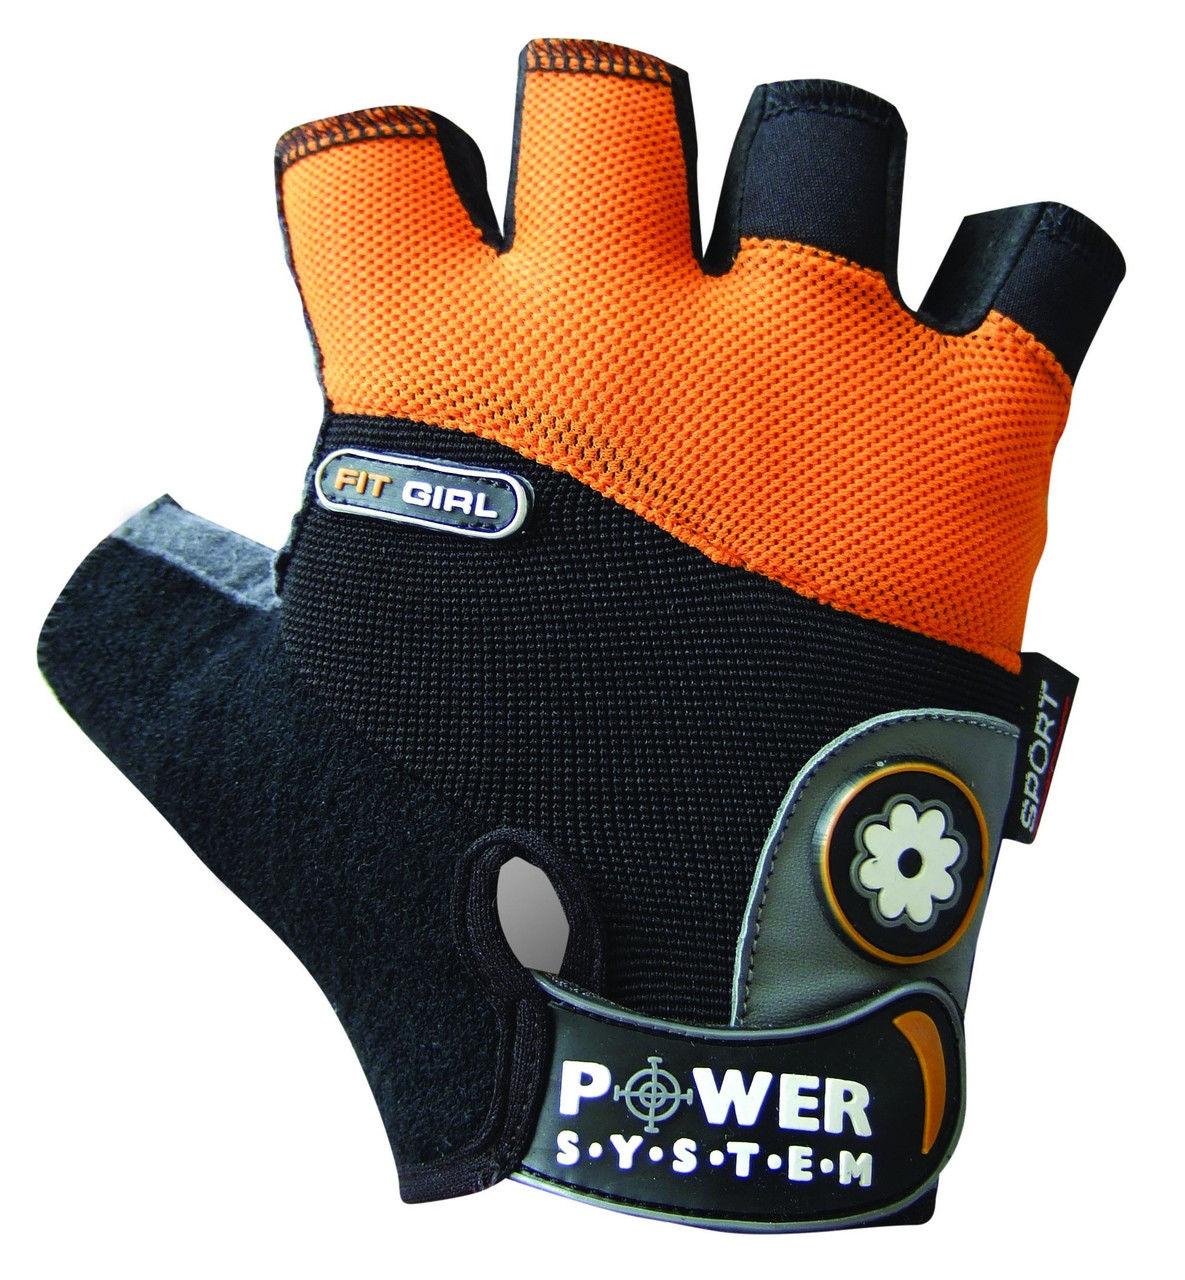 Перчатки Power System Fit Girl PS-2900 L, Оранжевый фото видео изображение